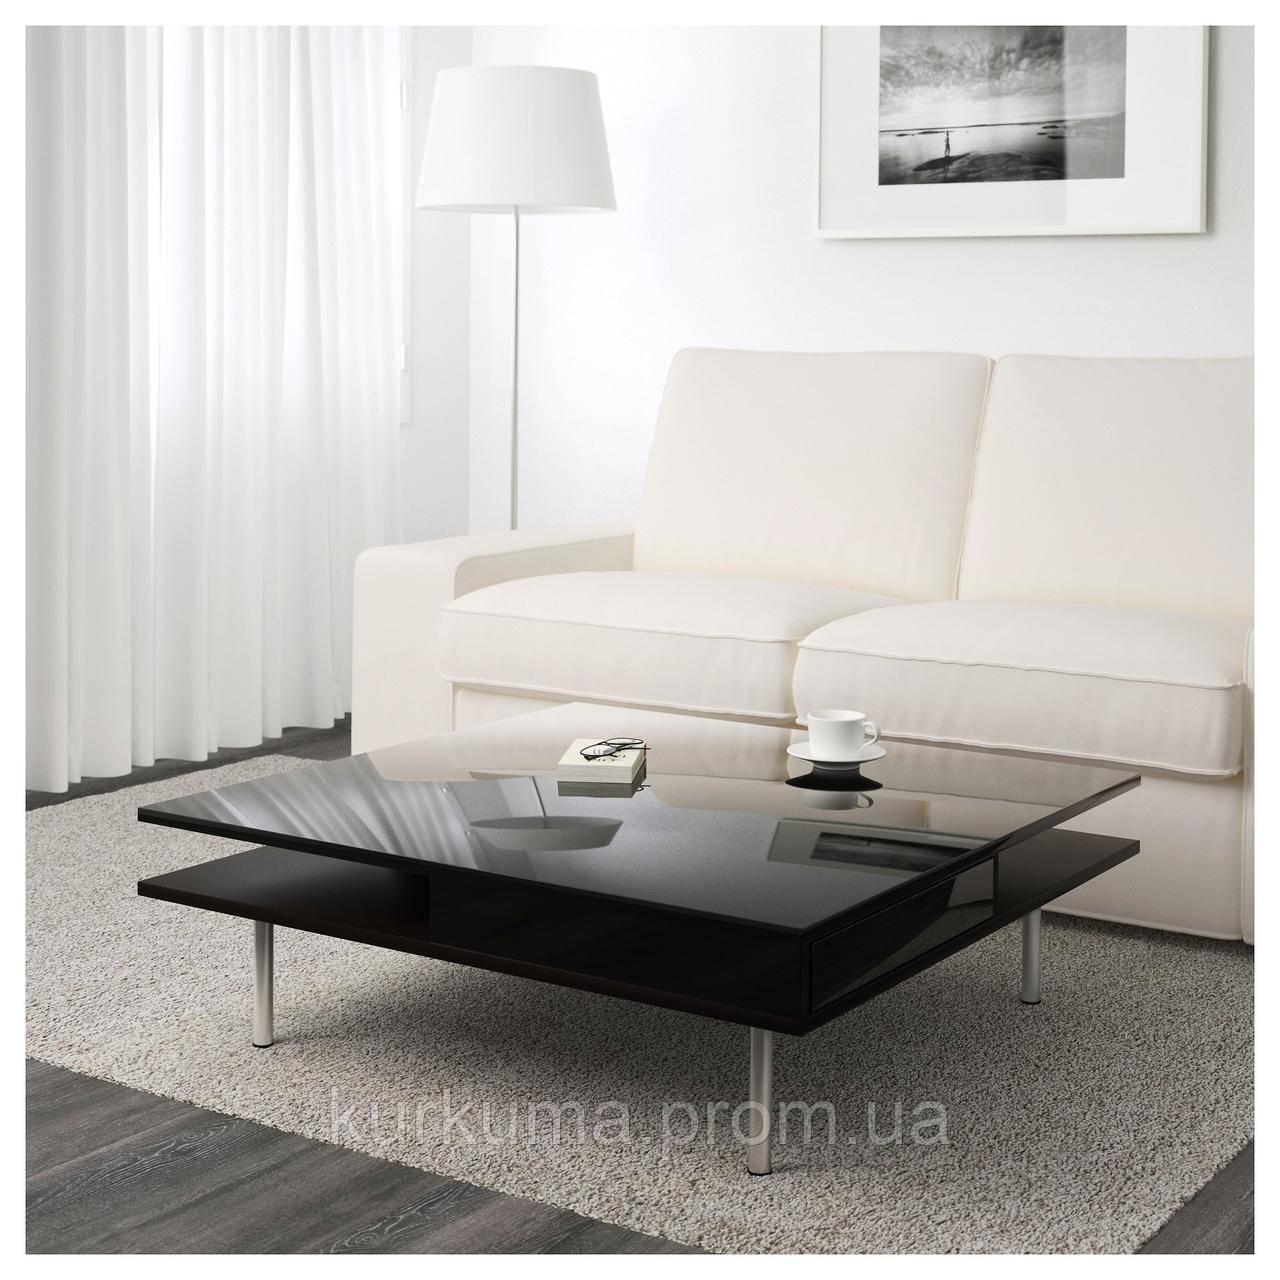 IKEA TOFTERYD Стол, глянцевый черный  (401.974.86)